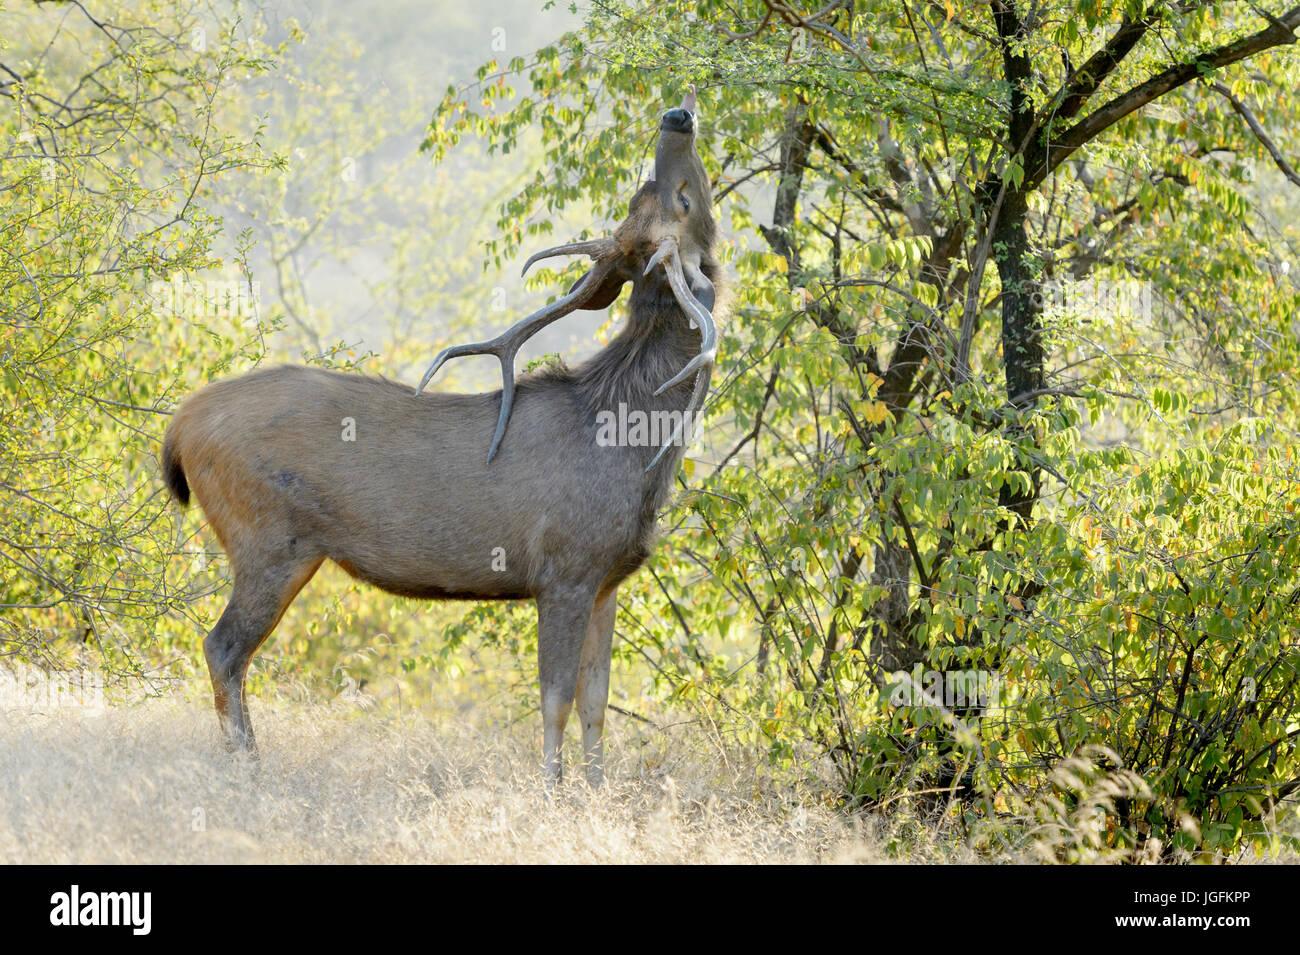 Sambar Hirsche (Rusa unicolor, Cervus unicolor) Hirsch, Fütterung auf einen Baum mit Hintergrundbeleuchtung, Stockbild